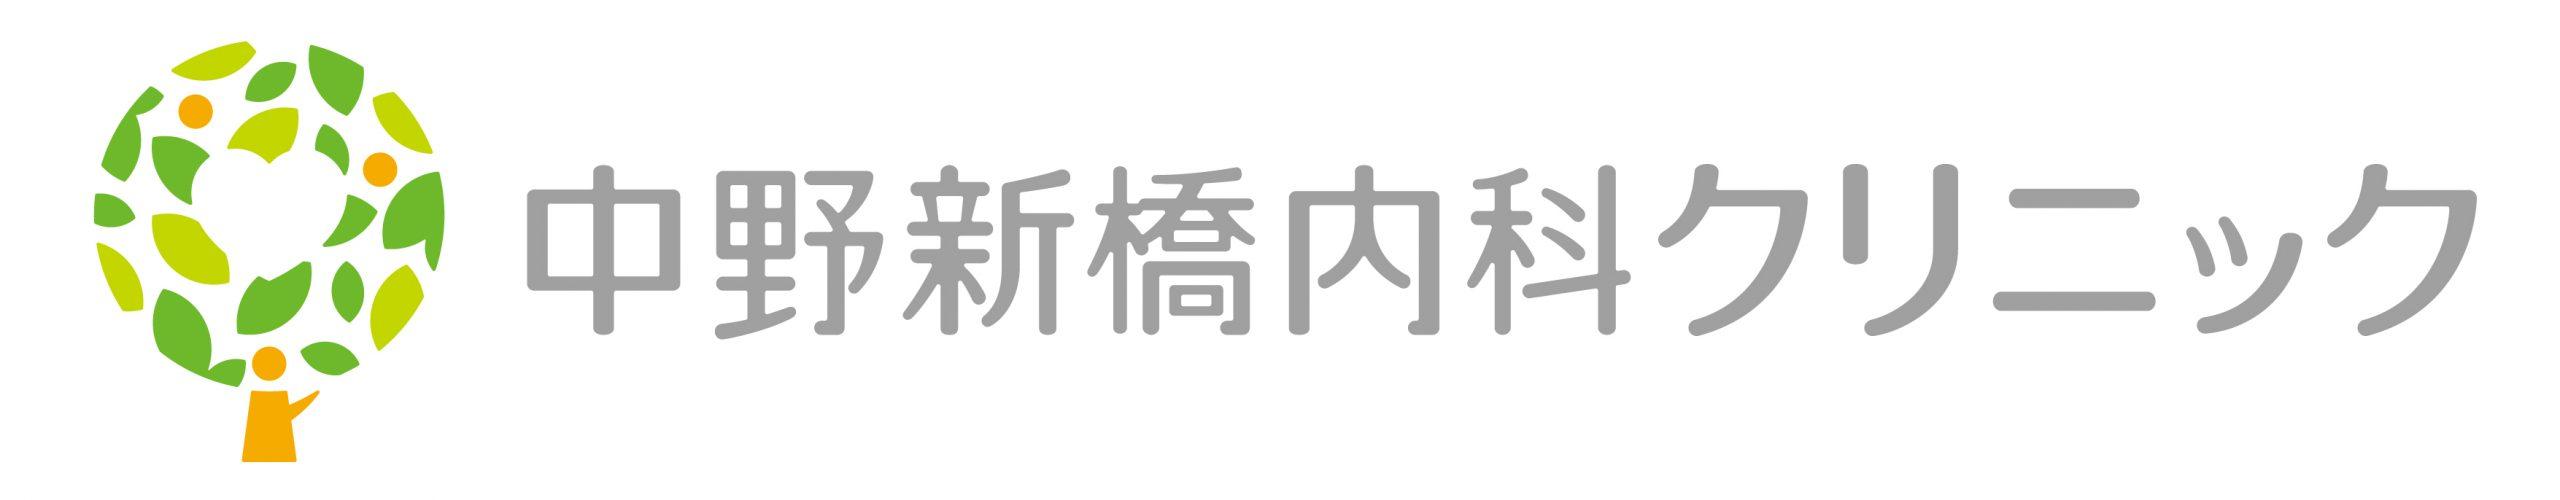 中野新橋内科クリニック